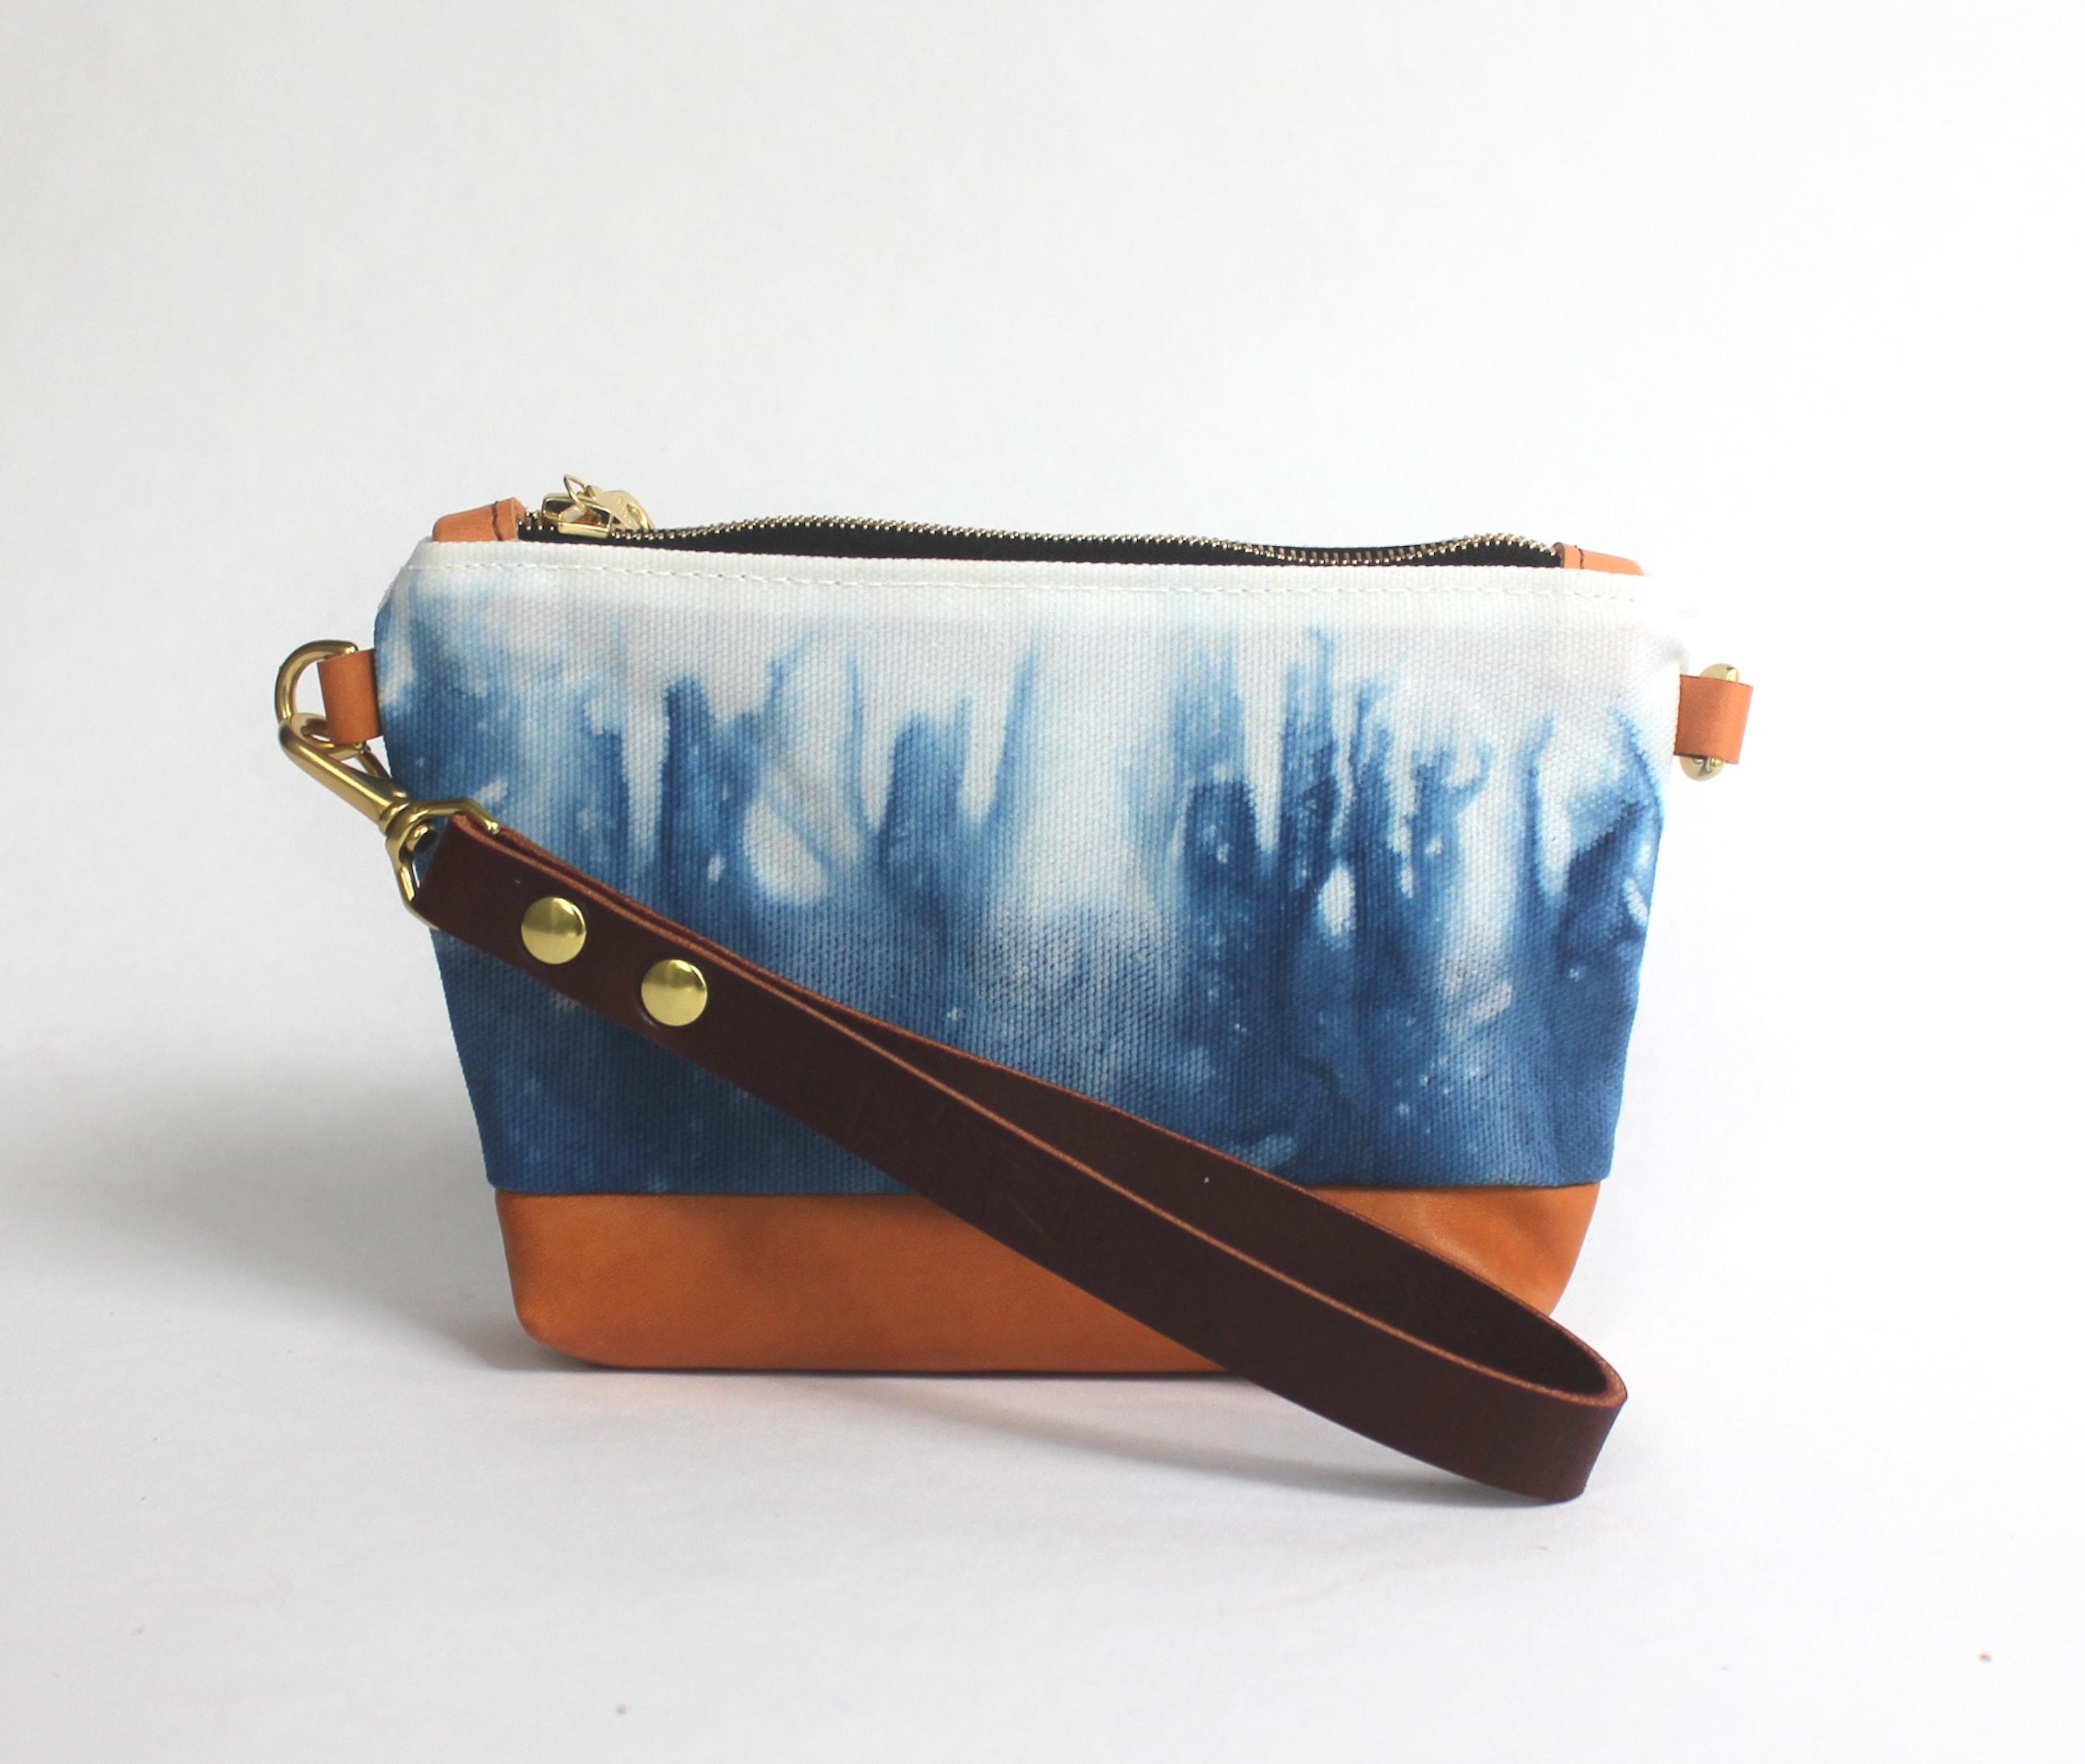 Clutch indigo prairie lisaro leather by Azellaz